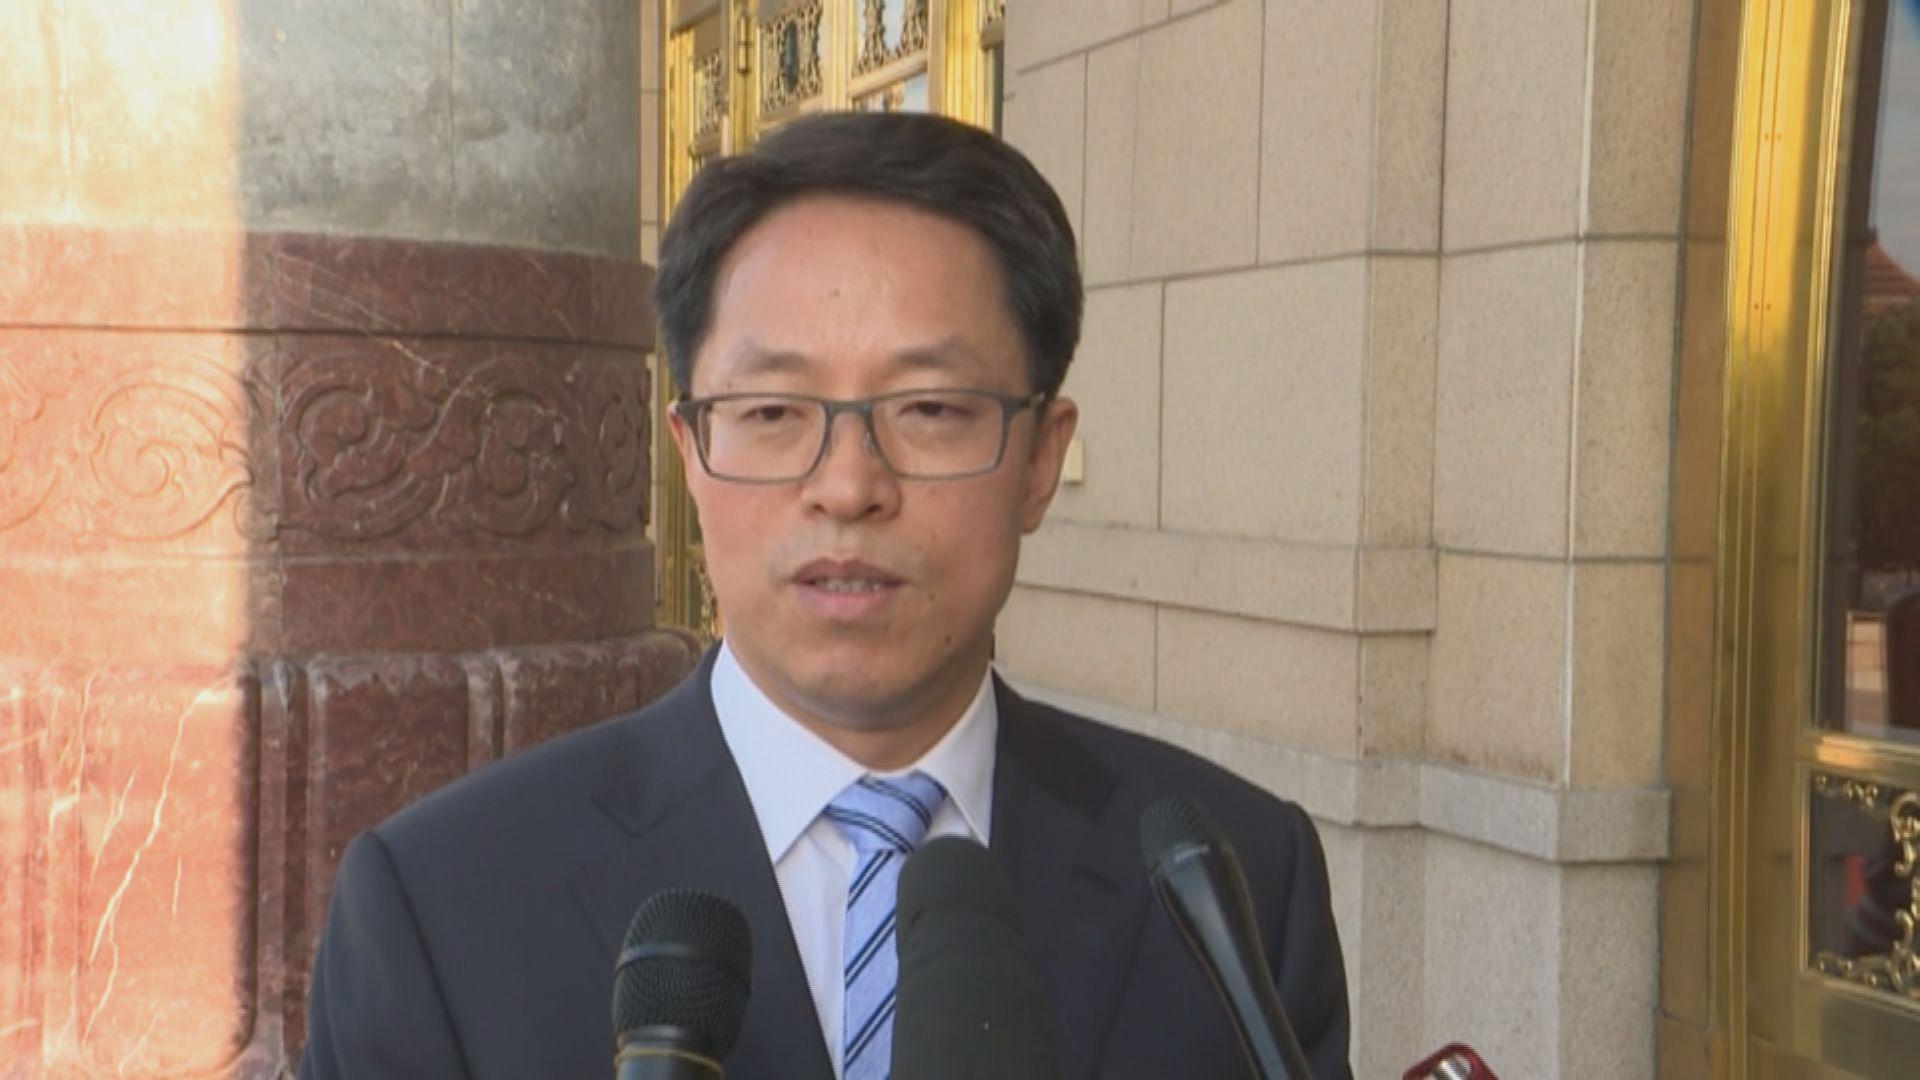 張曉明:外國記者會協助煽動屬違法